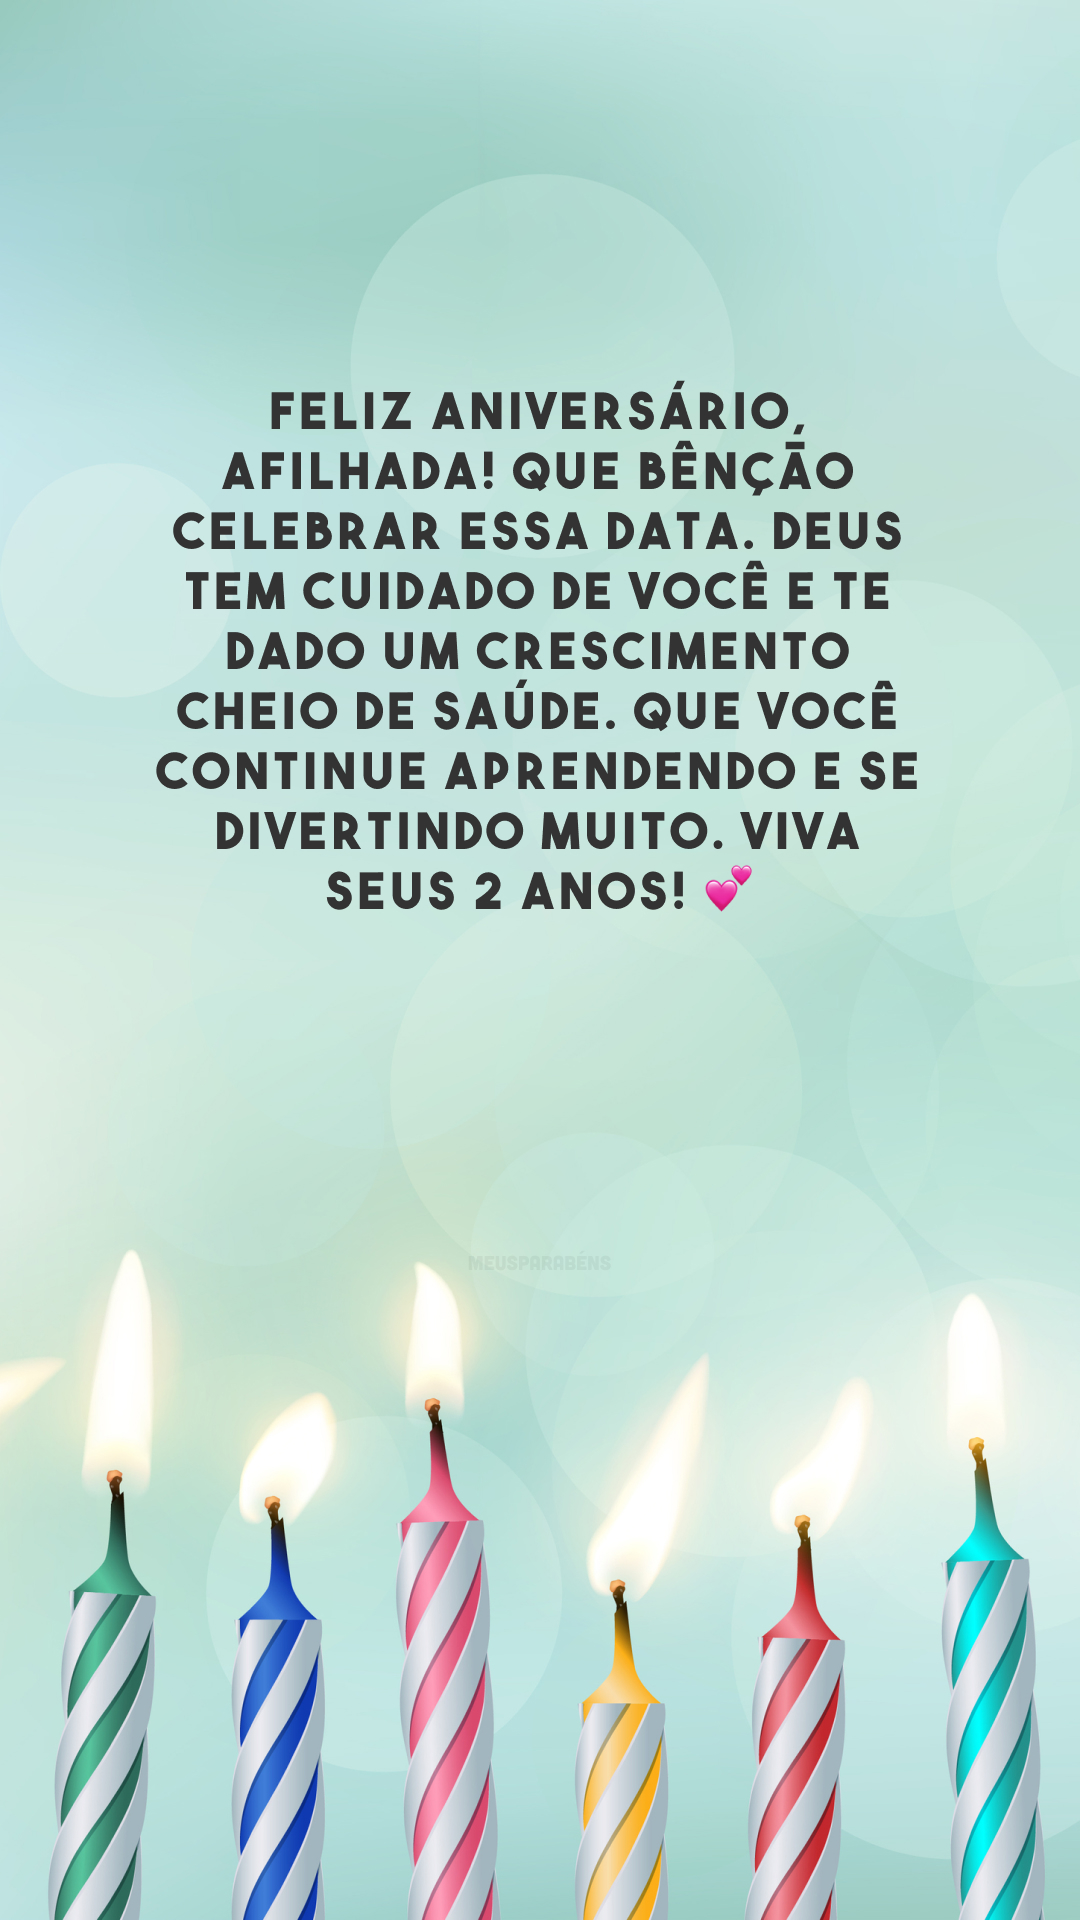 Feliz aniversário, afilhada! Que bênção celebrar essa data. Deus tem cuidado de você e te dado um crescimento cheio de saúde. Que você continue aprendendo e se divertindo muito. Viva seus 2 anos! 💕